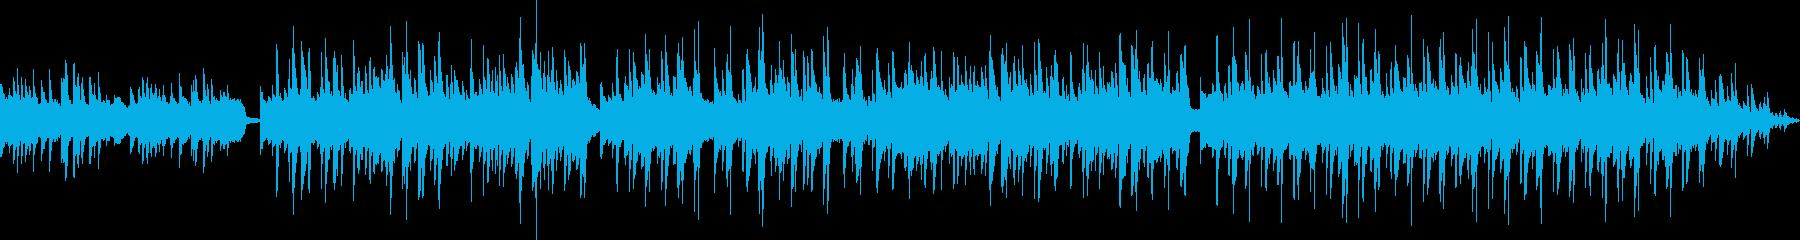 心を落ち着かせるアコースティック曲の再生済みの波形